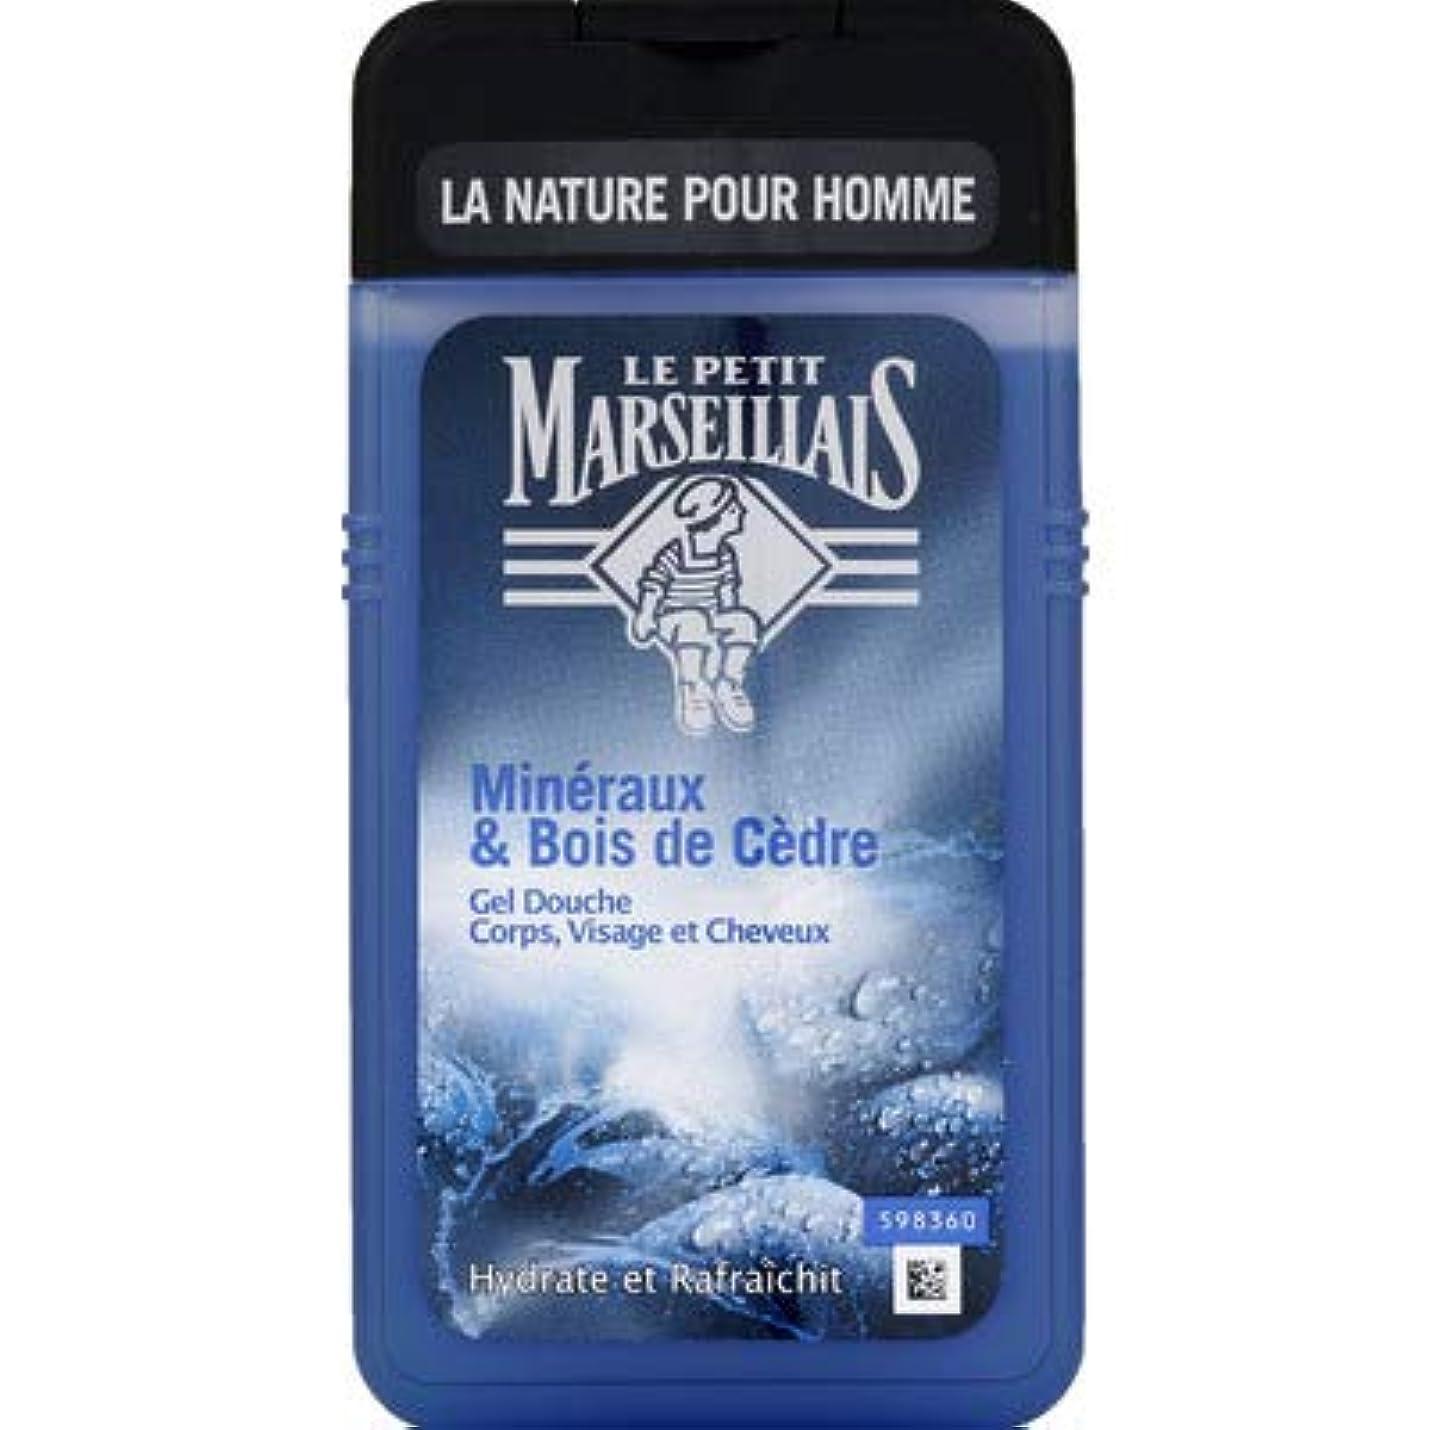 動員するタオル微視的メンズ用 顔?髪?体 ボディウォッシュ「ミネラル」と「シダーウッド」シャワージェル フランスの「ル?プティ?マルセイユ (Le Petit Marseillais)」 250ml